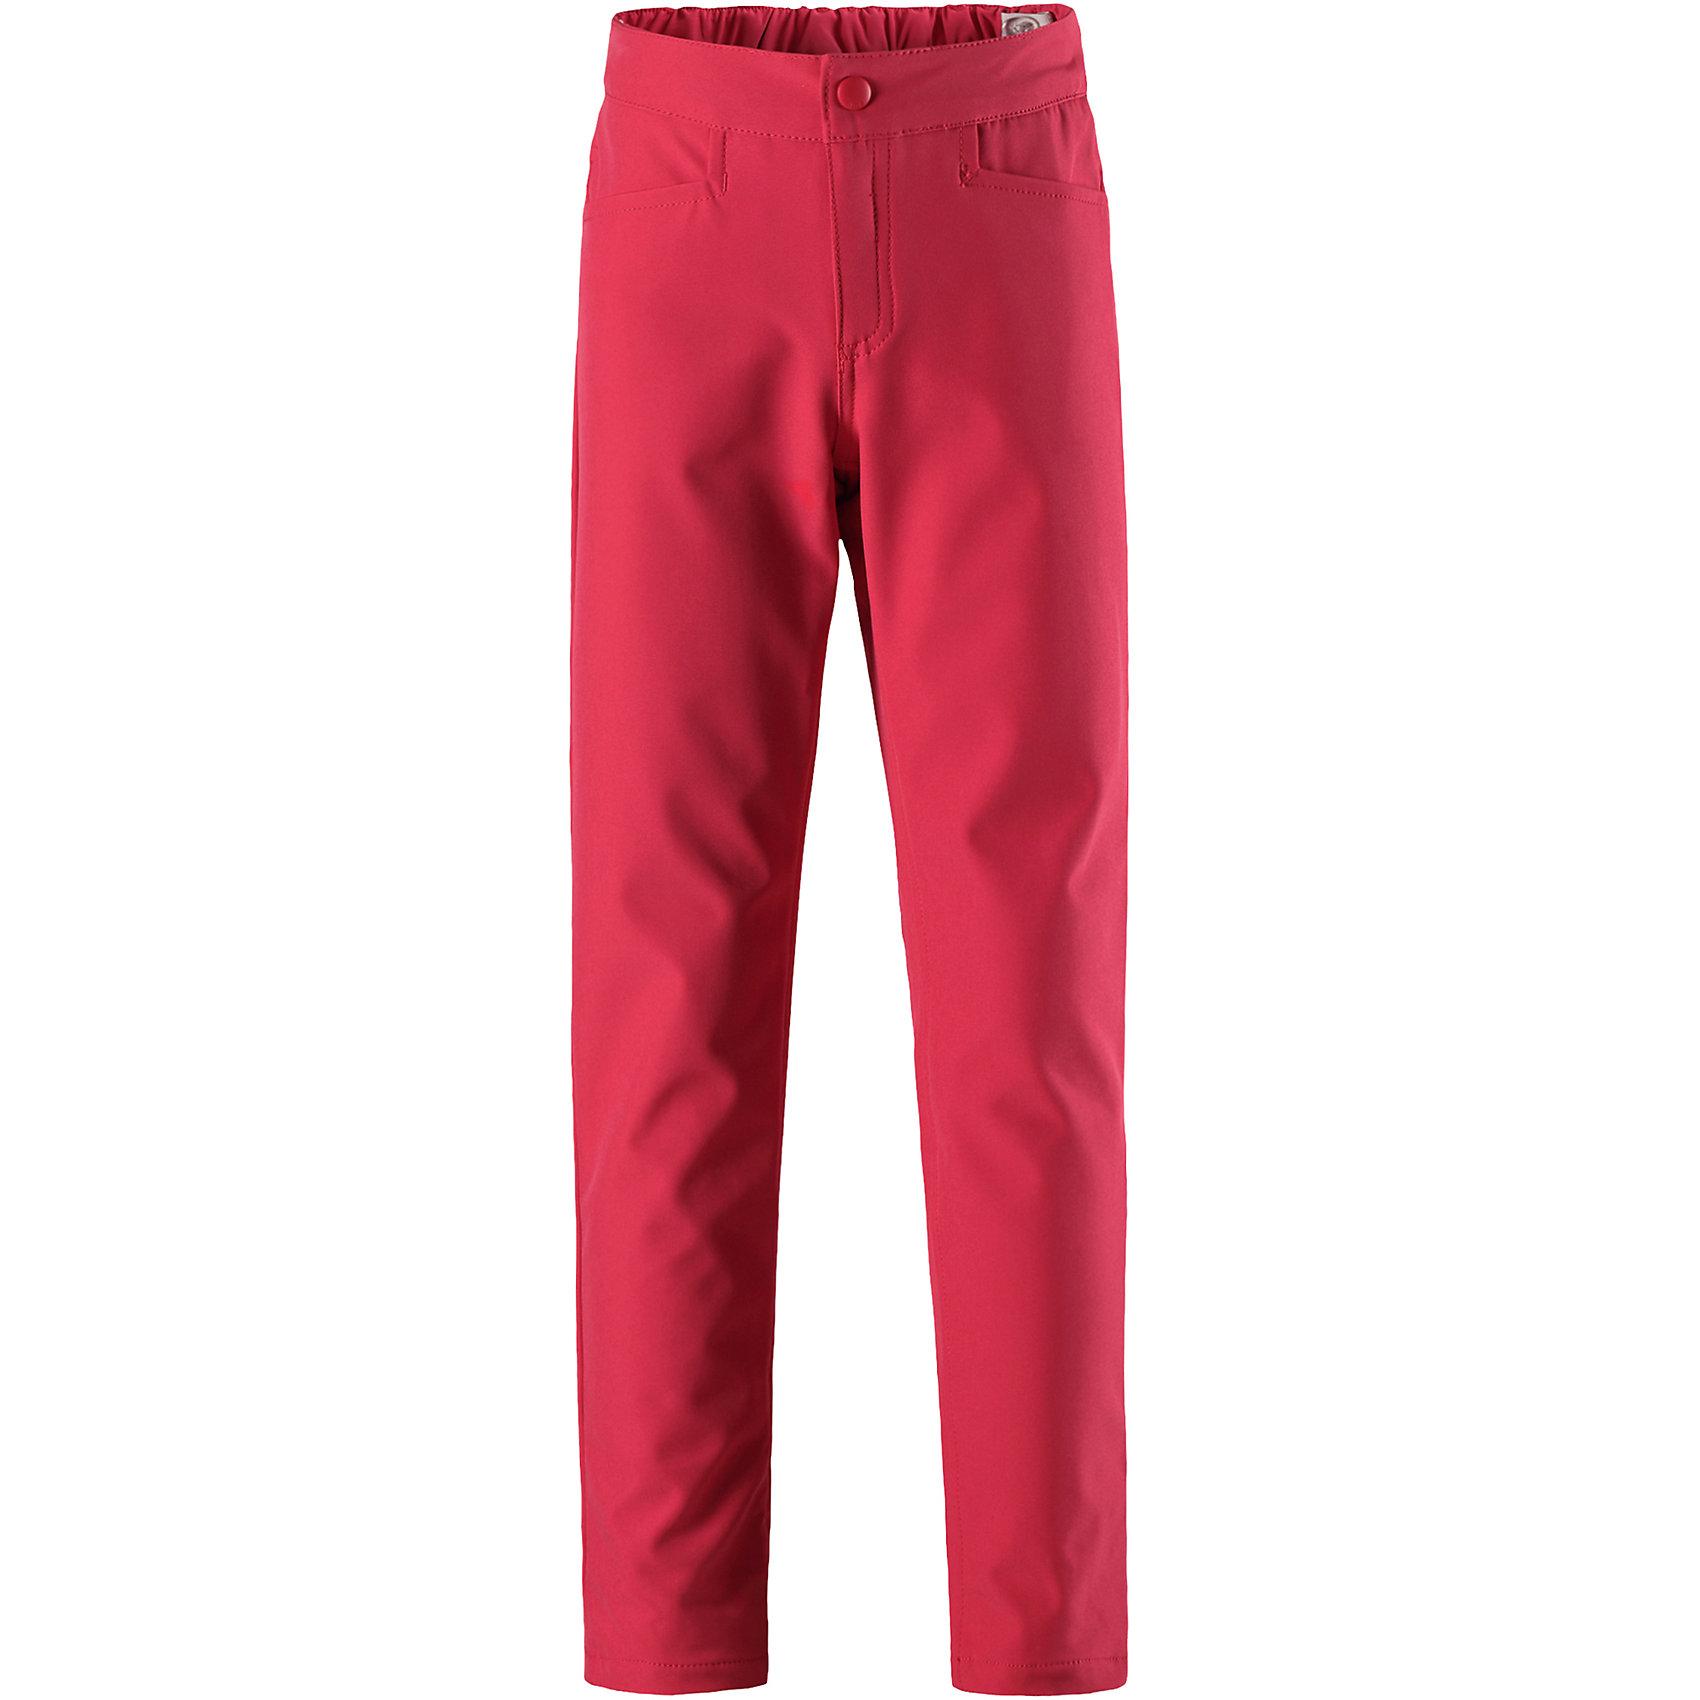 Брюки для девочки ReimaОдежда<br>Характеристики товара:<br><br>• цвет: розовый<br>• состав: 96% полиэстер, 4% эластан, полиуретановое покрытие<br>• потайной карман для датчика ReimaGO®<br>• водонепроницаемый материал<br>• ветронепроницаемый, дышащий материал<br>• ширинка на молнии<br>• регулируемый обхват талии<br>• зауженная модель<br>• два боковых кармана<br>• комфортная посадка<br>• страна производства: Китай<br>• страна бренда: Финляндия<br>• коллекция: весна-лето 2017<br><br>Одежда для детей может быть модной и комфортной одновременно! Удобные брюки помогут обеспечить ребенку комфорт и тепло. Изделие сшито из водонепроницаемого материала. Модель стильно смотрится, отлично сочетается с различным верхом. Стильный дизайн разрабатывался специально для детей.<br><br>Одежда и обувь от финского бренда Reima пользуется популярностью во многих странах. Эти изделия стильные, качественные и удобные. Для производства продукции используются только безопасные, проверенные материалы и фурнитура. Порадуйте ребенка модными и красивыми вещами от Reima! <br><br>Брюки для девочки от финского бренда Reima (Рейма) можно купить в нашем интернет-магазине.<br><br>Ширина мм: 215<br>Глубина мм: 88<br>Высота мм: 191<br>Вес г: 336<br>Цвет: розовый<br>Возраст от месяцев: 156<br>Возраст до месяцев: 168<br>Пол: Женский<br>Возраст: Детский<br>Размер: 164,128,104,110,116,122,134,140,146,152,158<br>SKU: 5267509